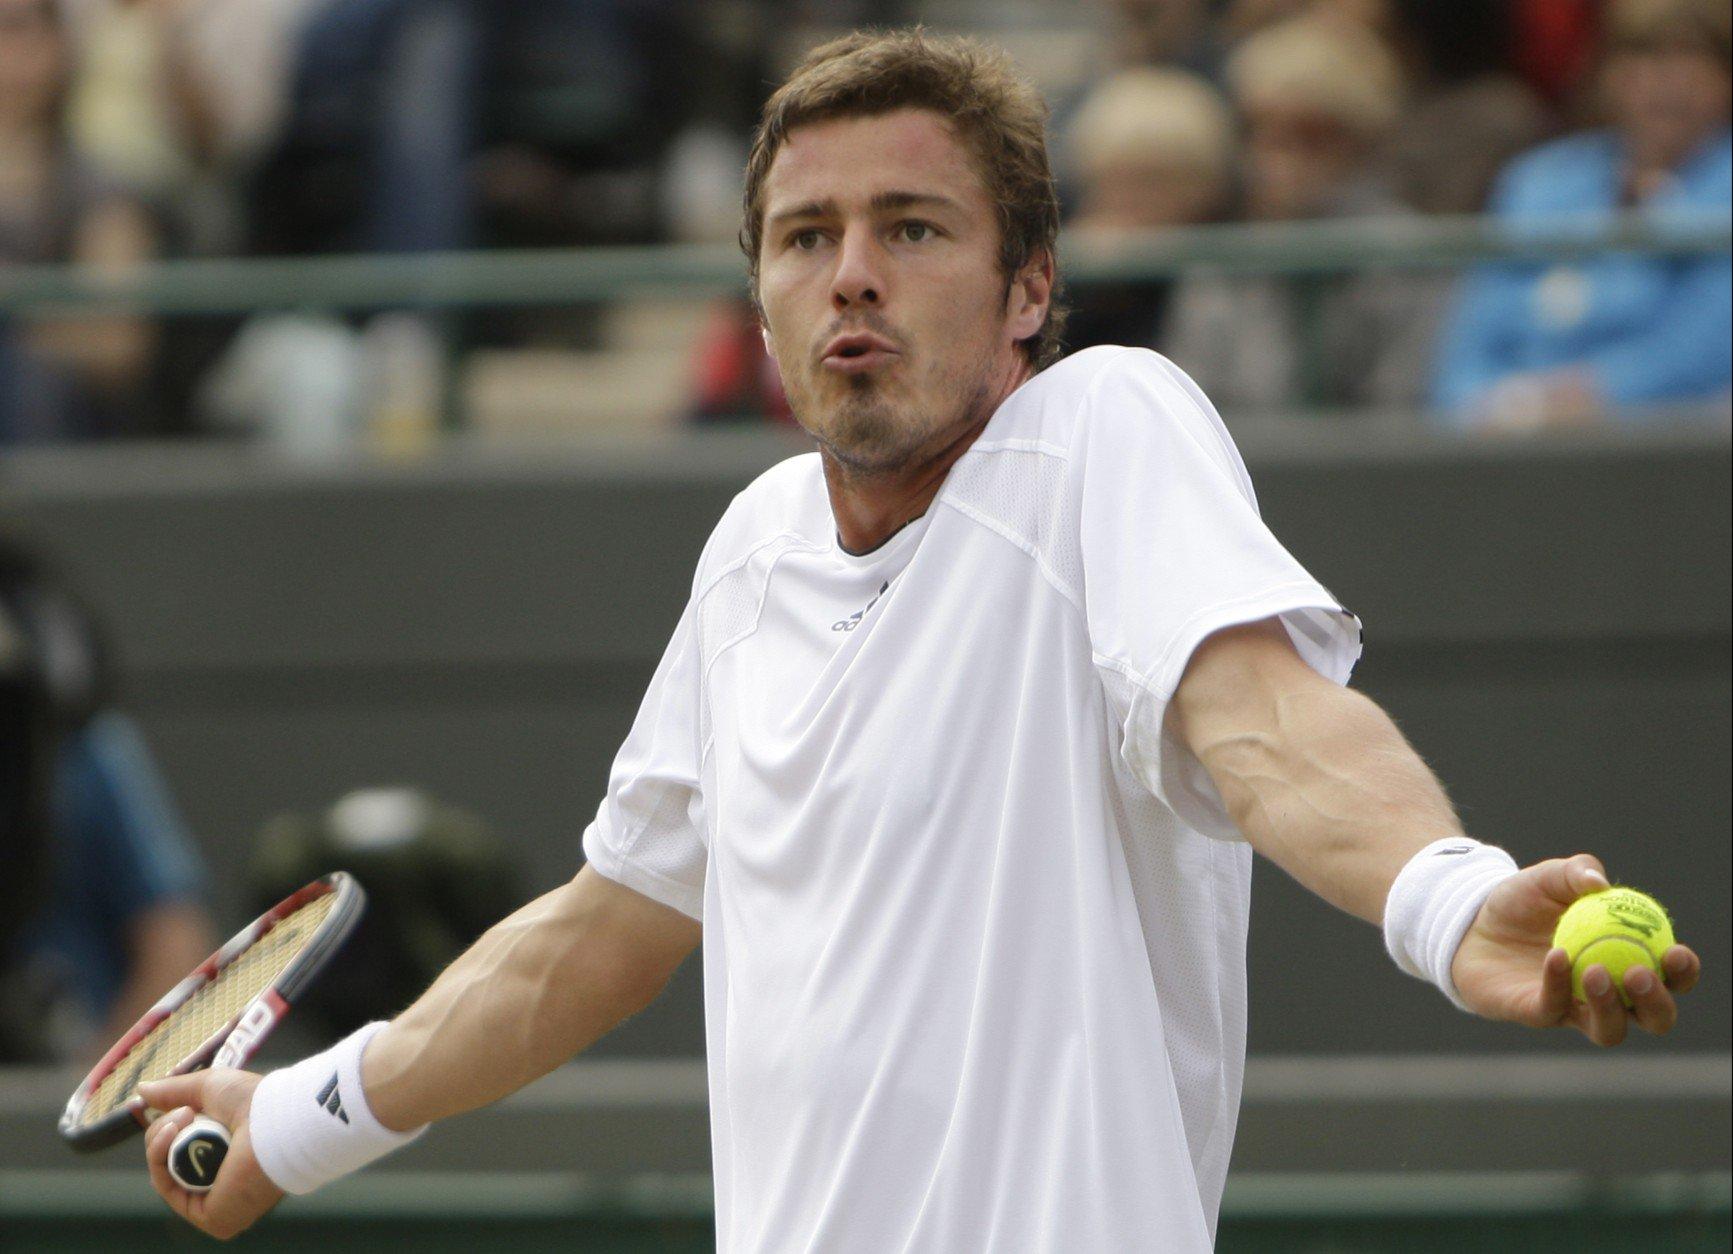 сентиментальны, фото биография теннисиста пюц т прессом